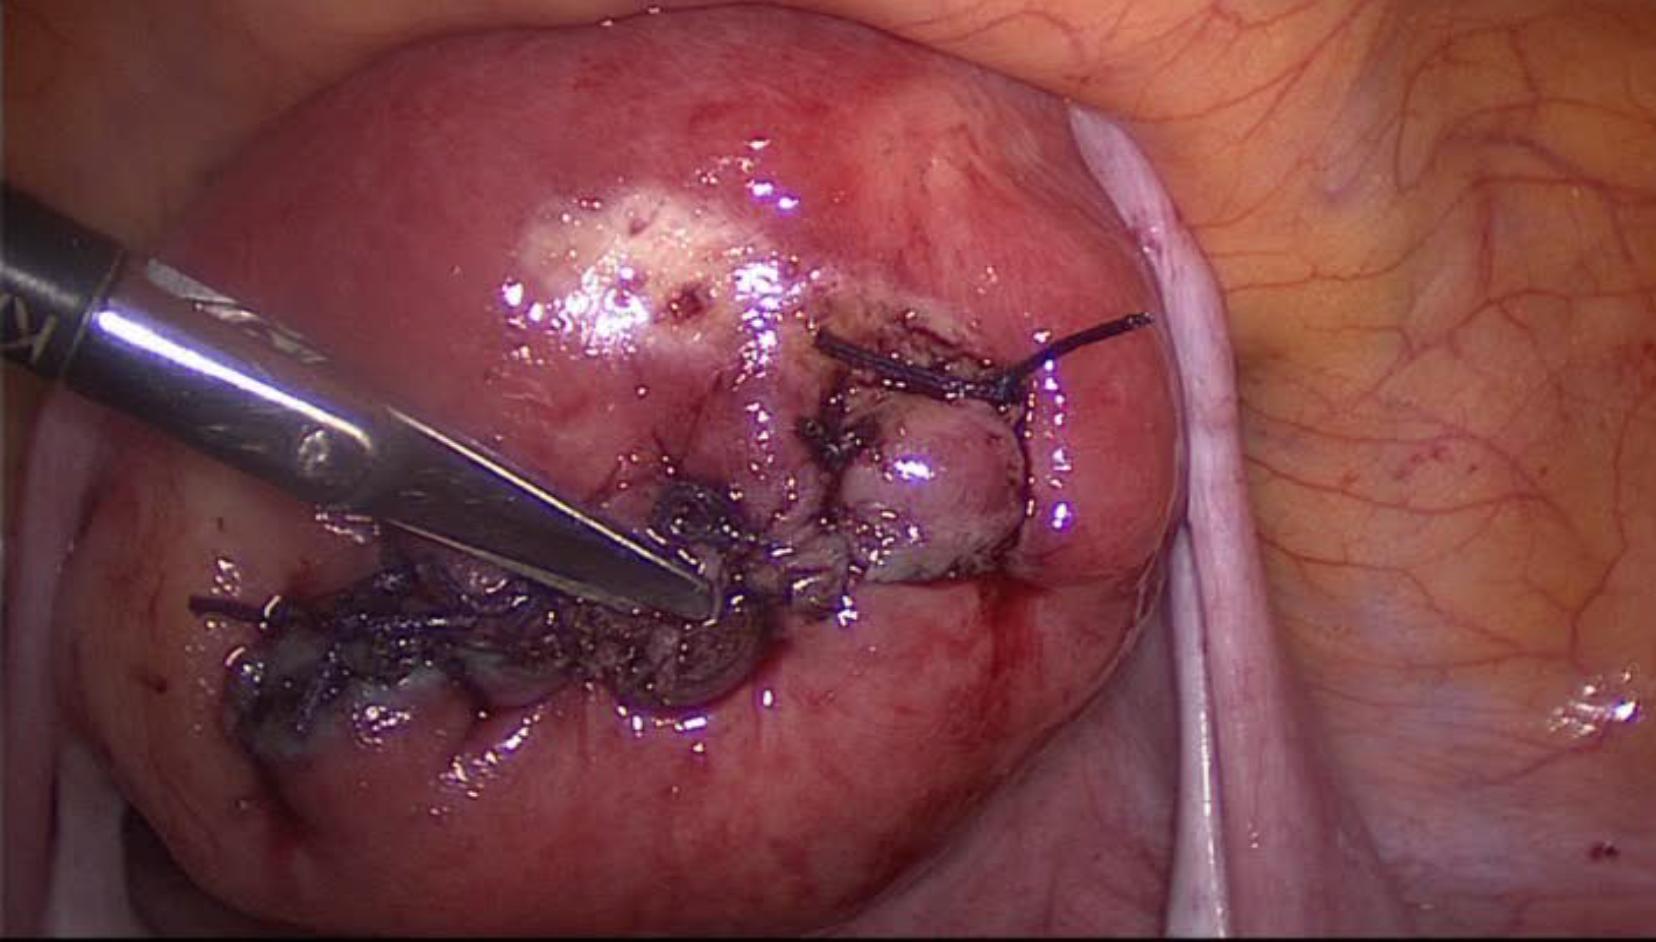 Cirurgia: Dr. Renato Tomioka - Sutura com pontos separados de Vicryl